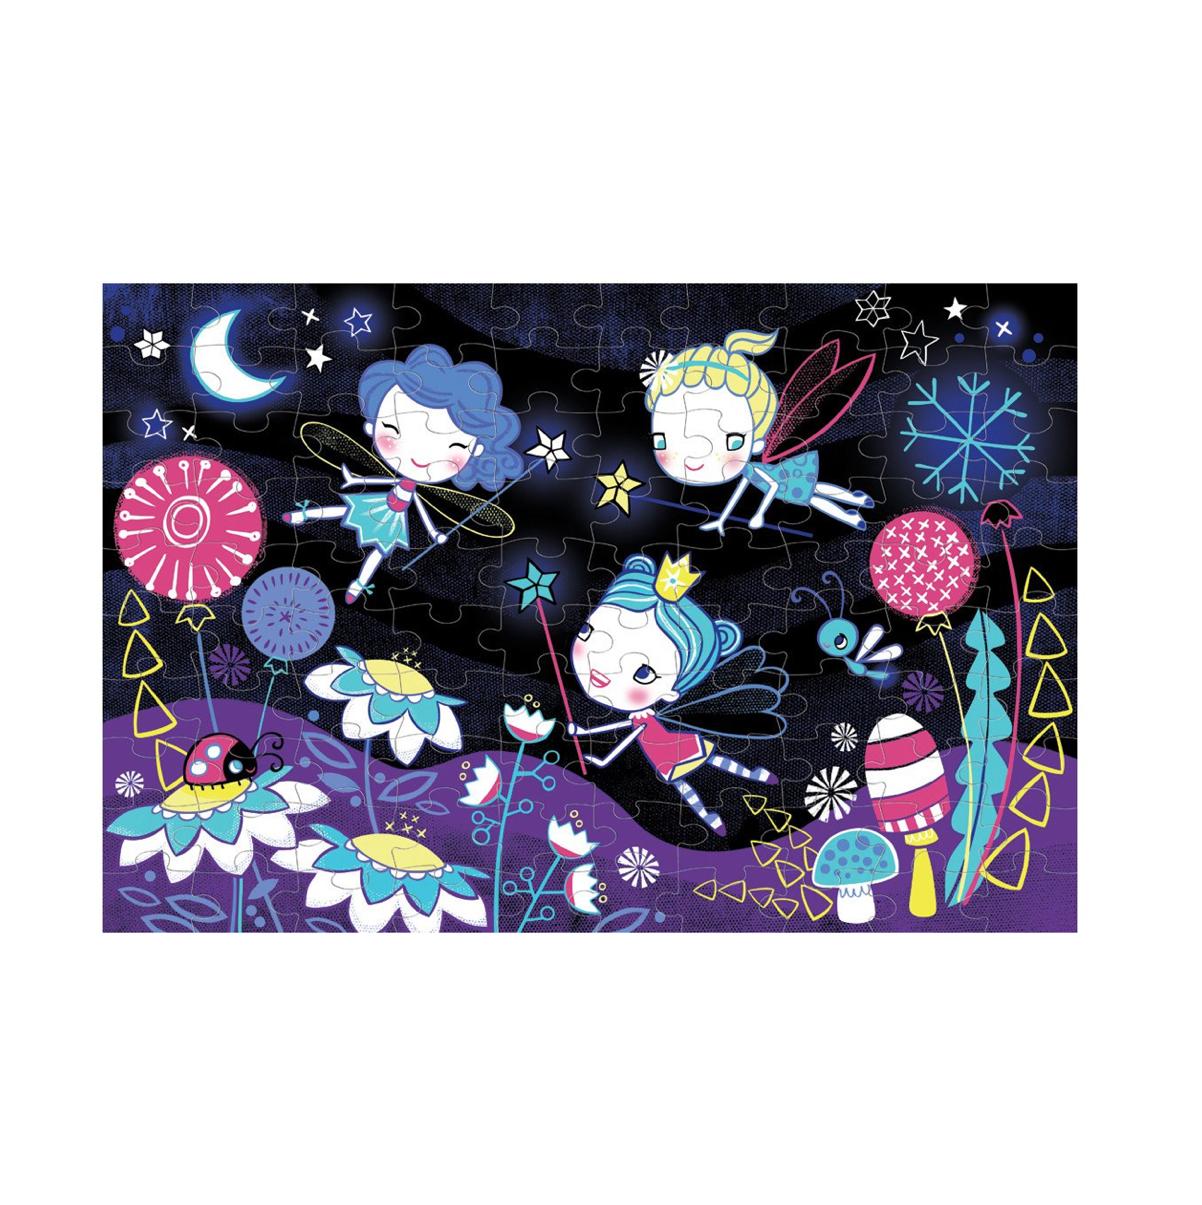 puzzle-glow-in-the-dark-fairys-de-mudpuppy-en-el-mundo-de-mico